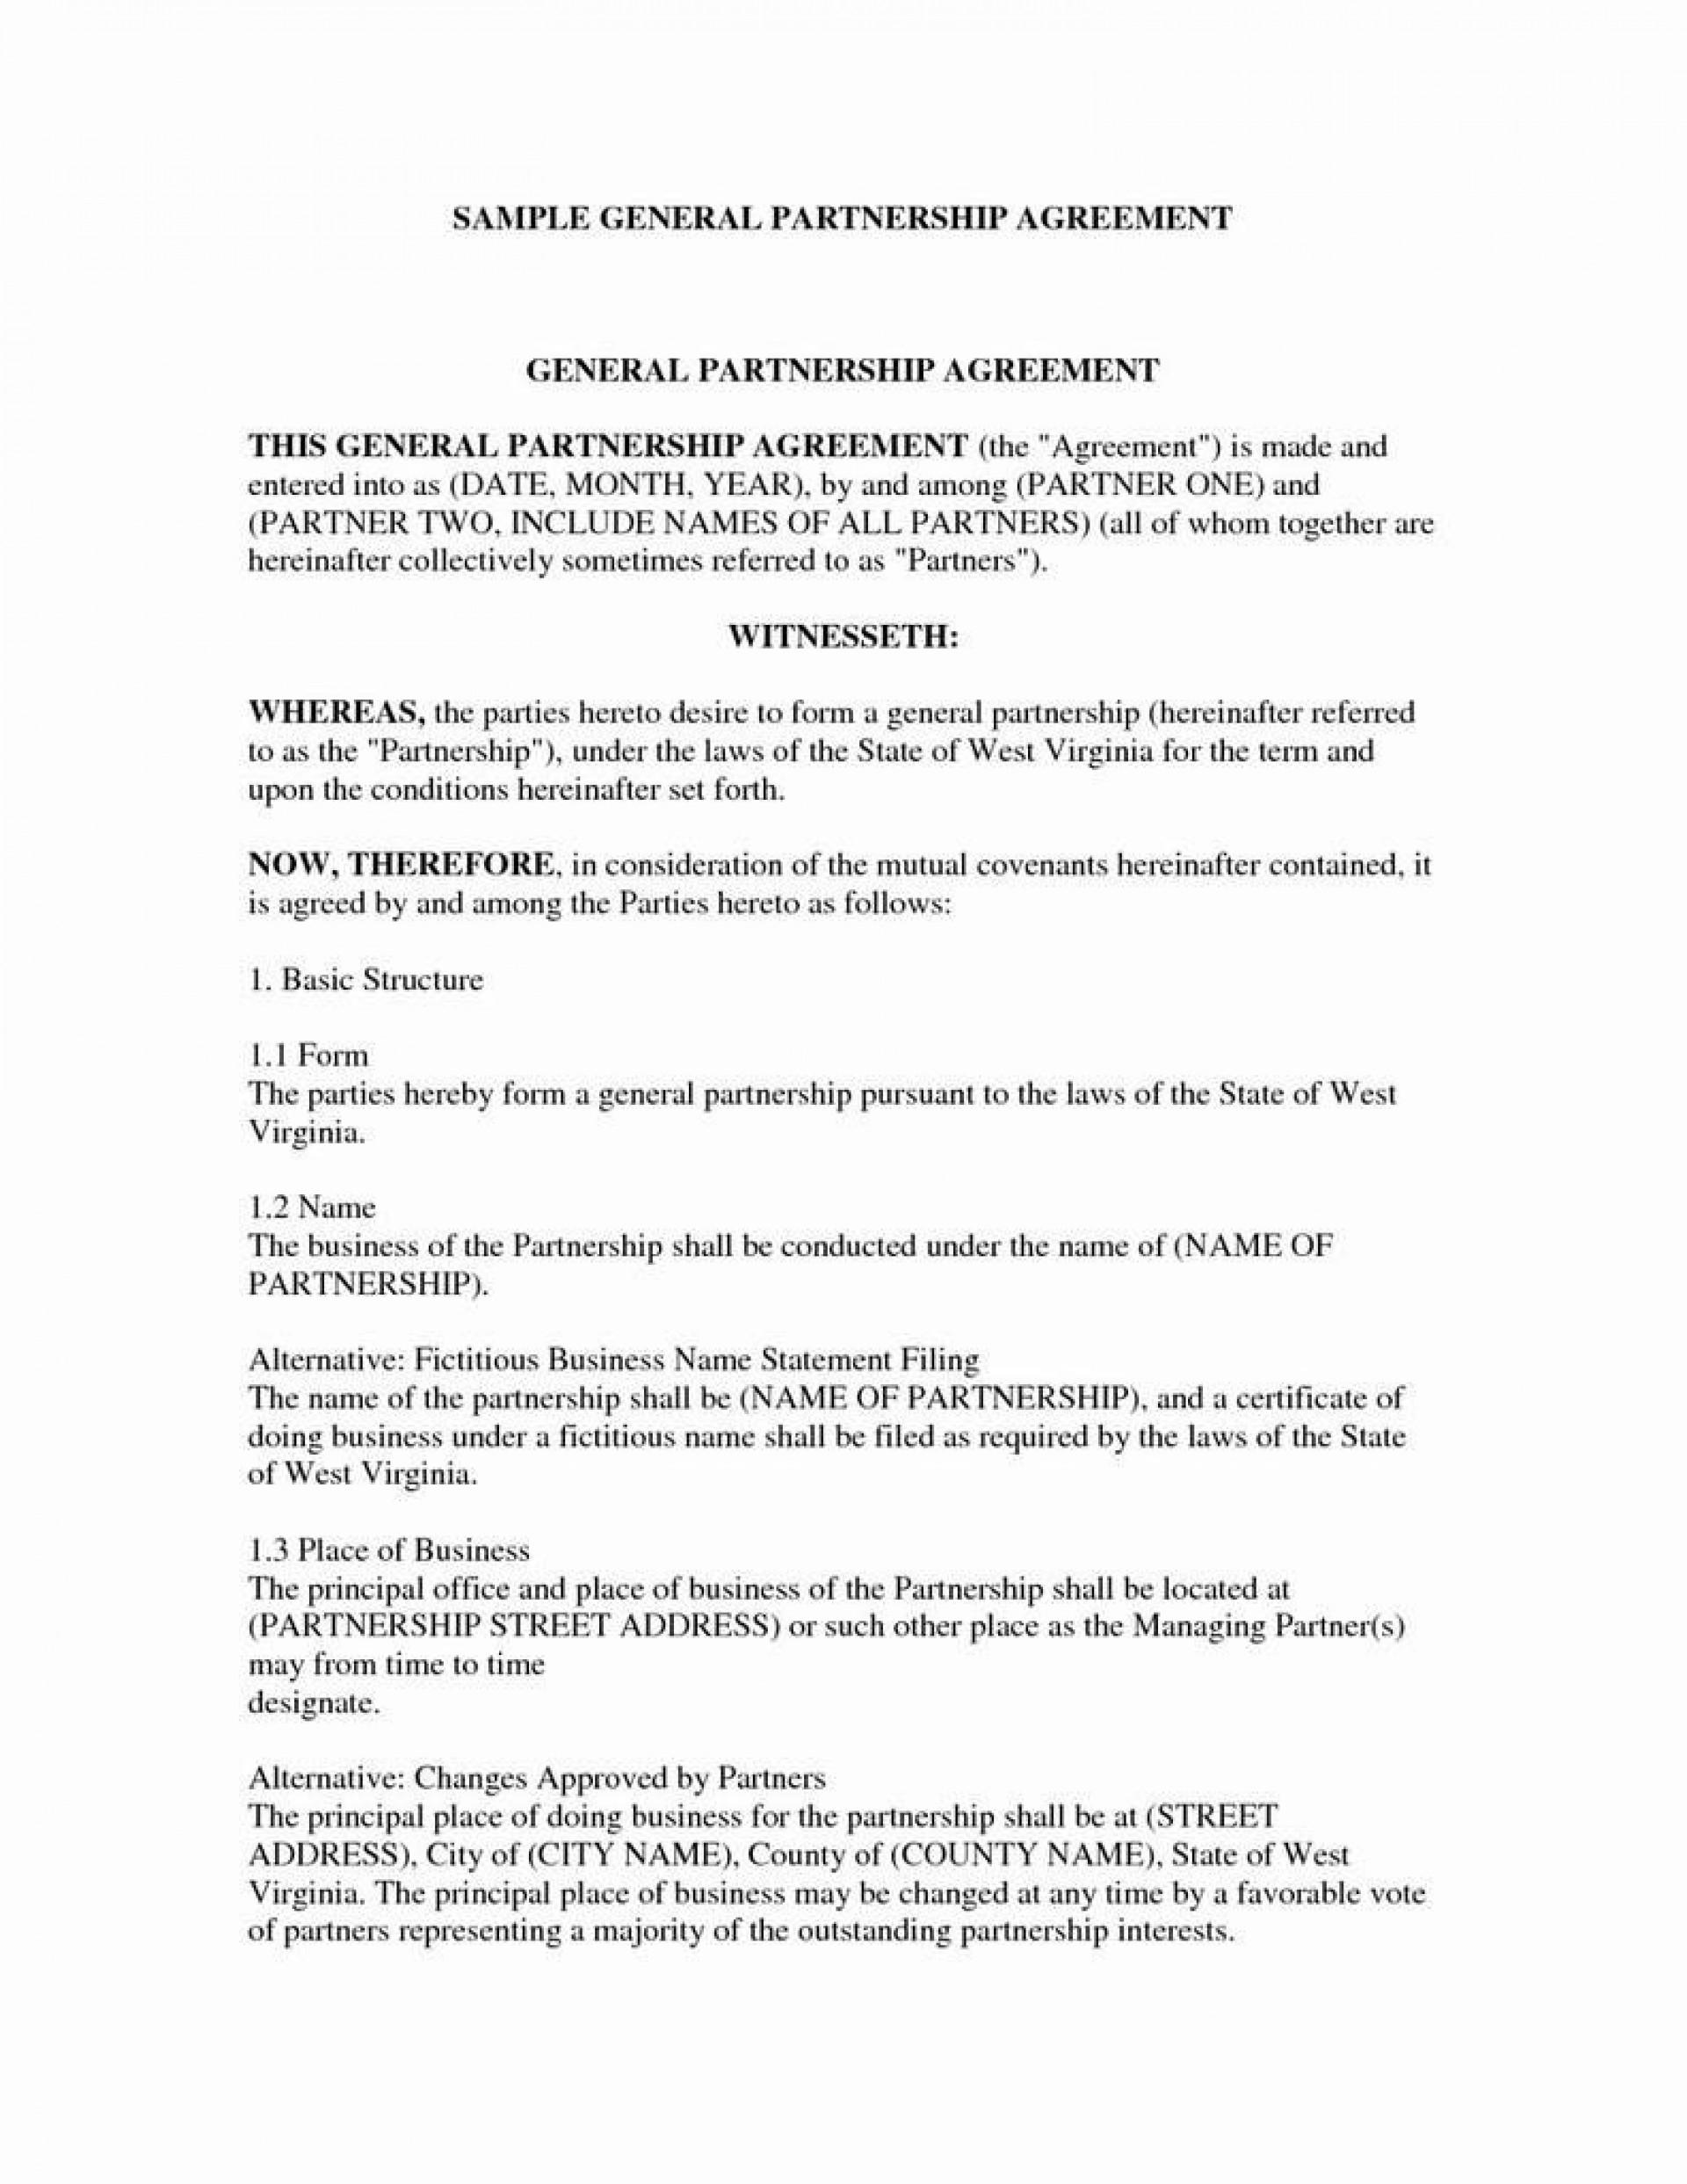 003 Beautiful General Partnership Agreement Template Texa Idea  Texas1920